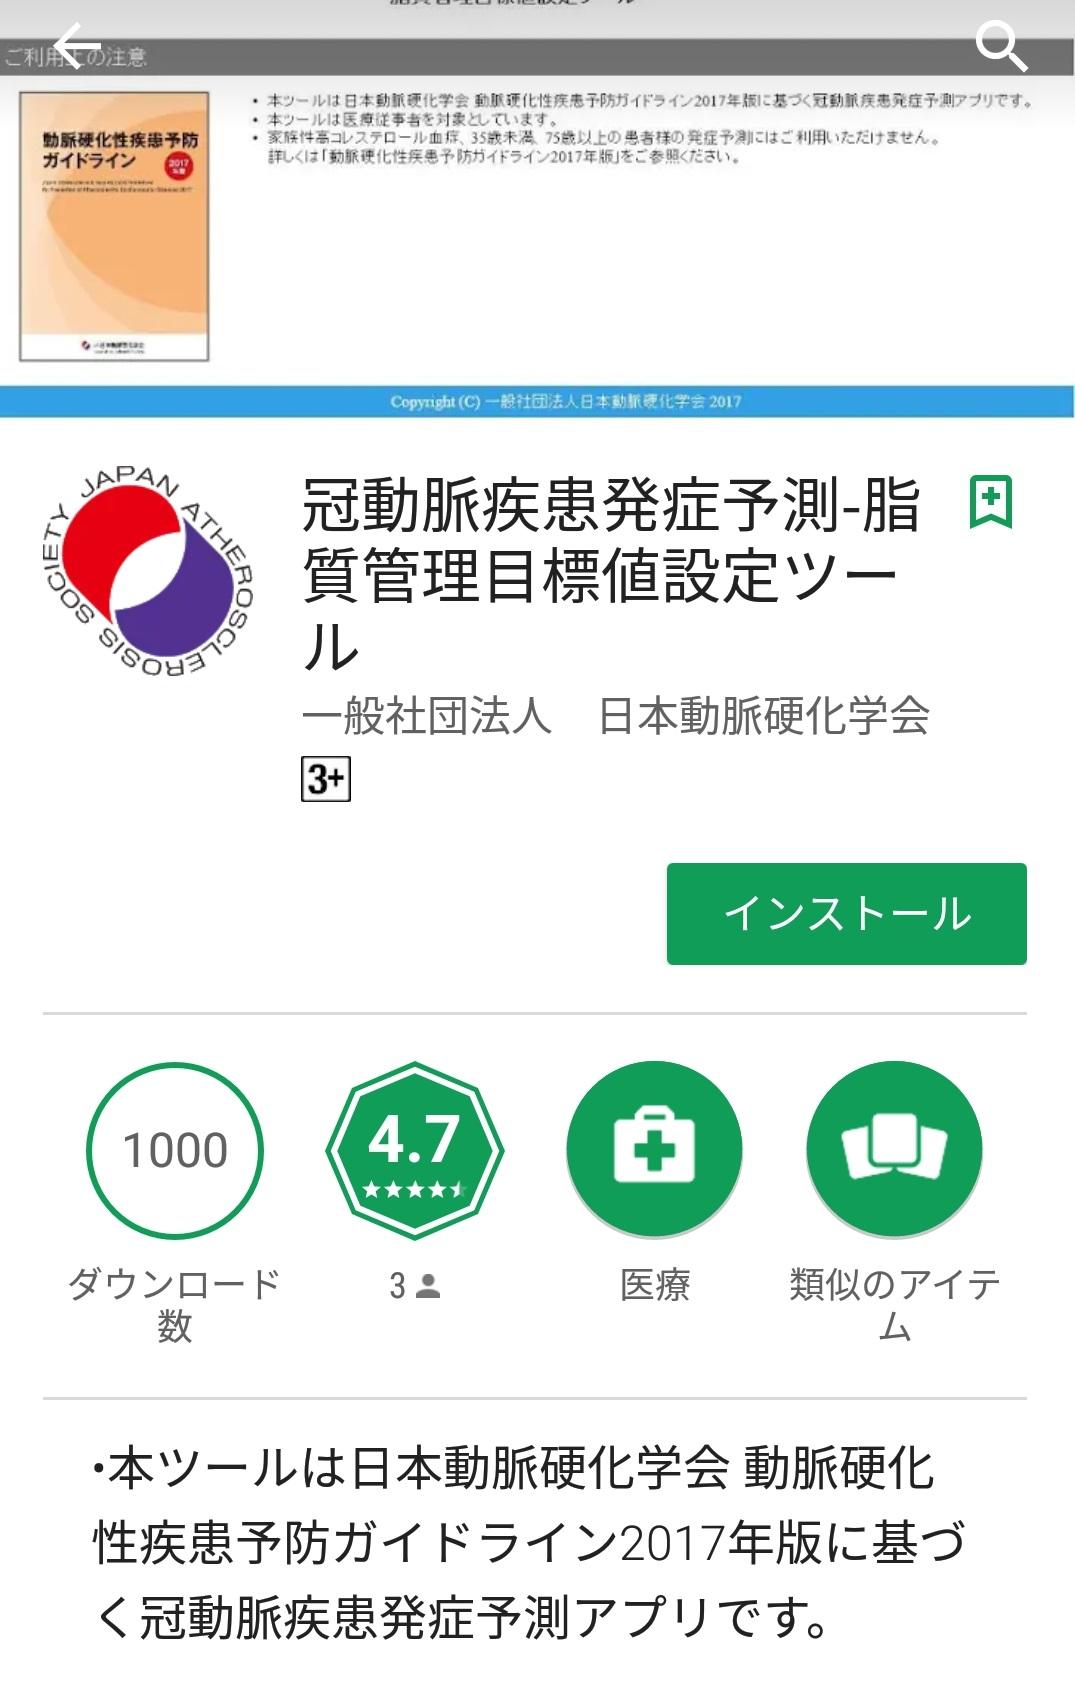 動脈硬化アプリ